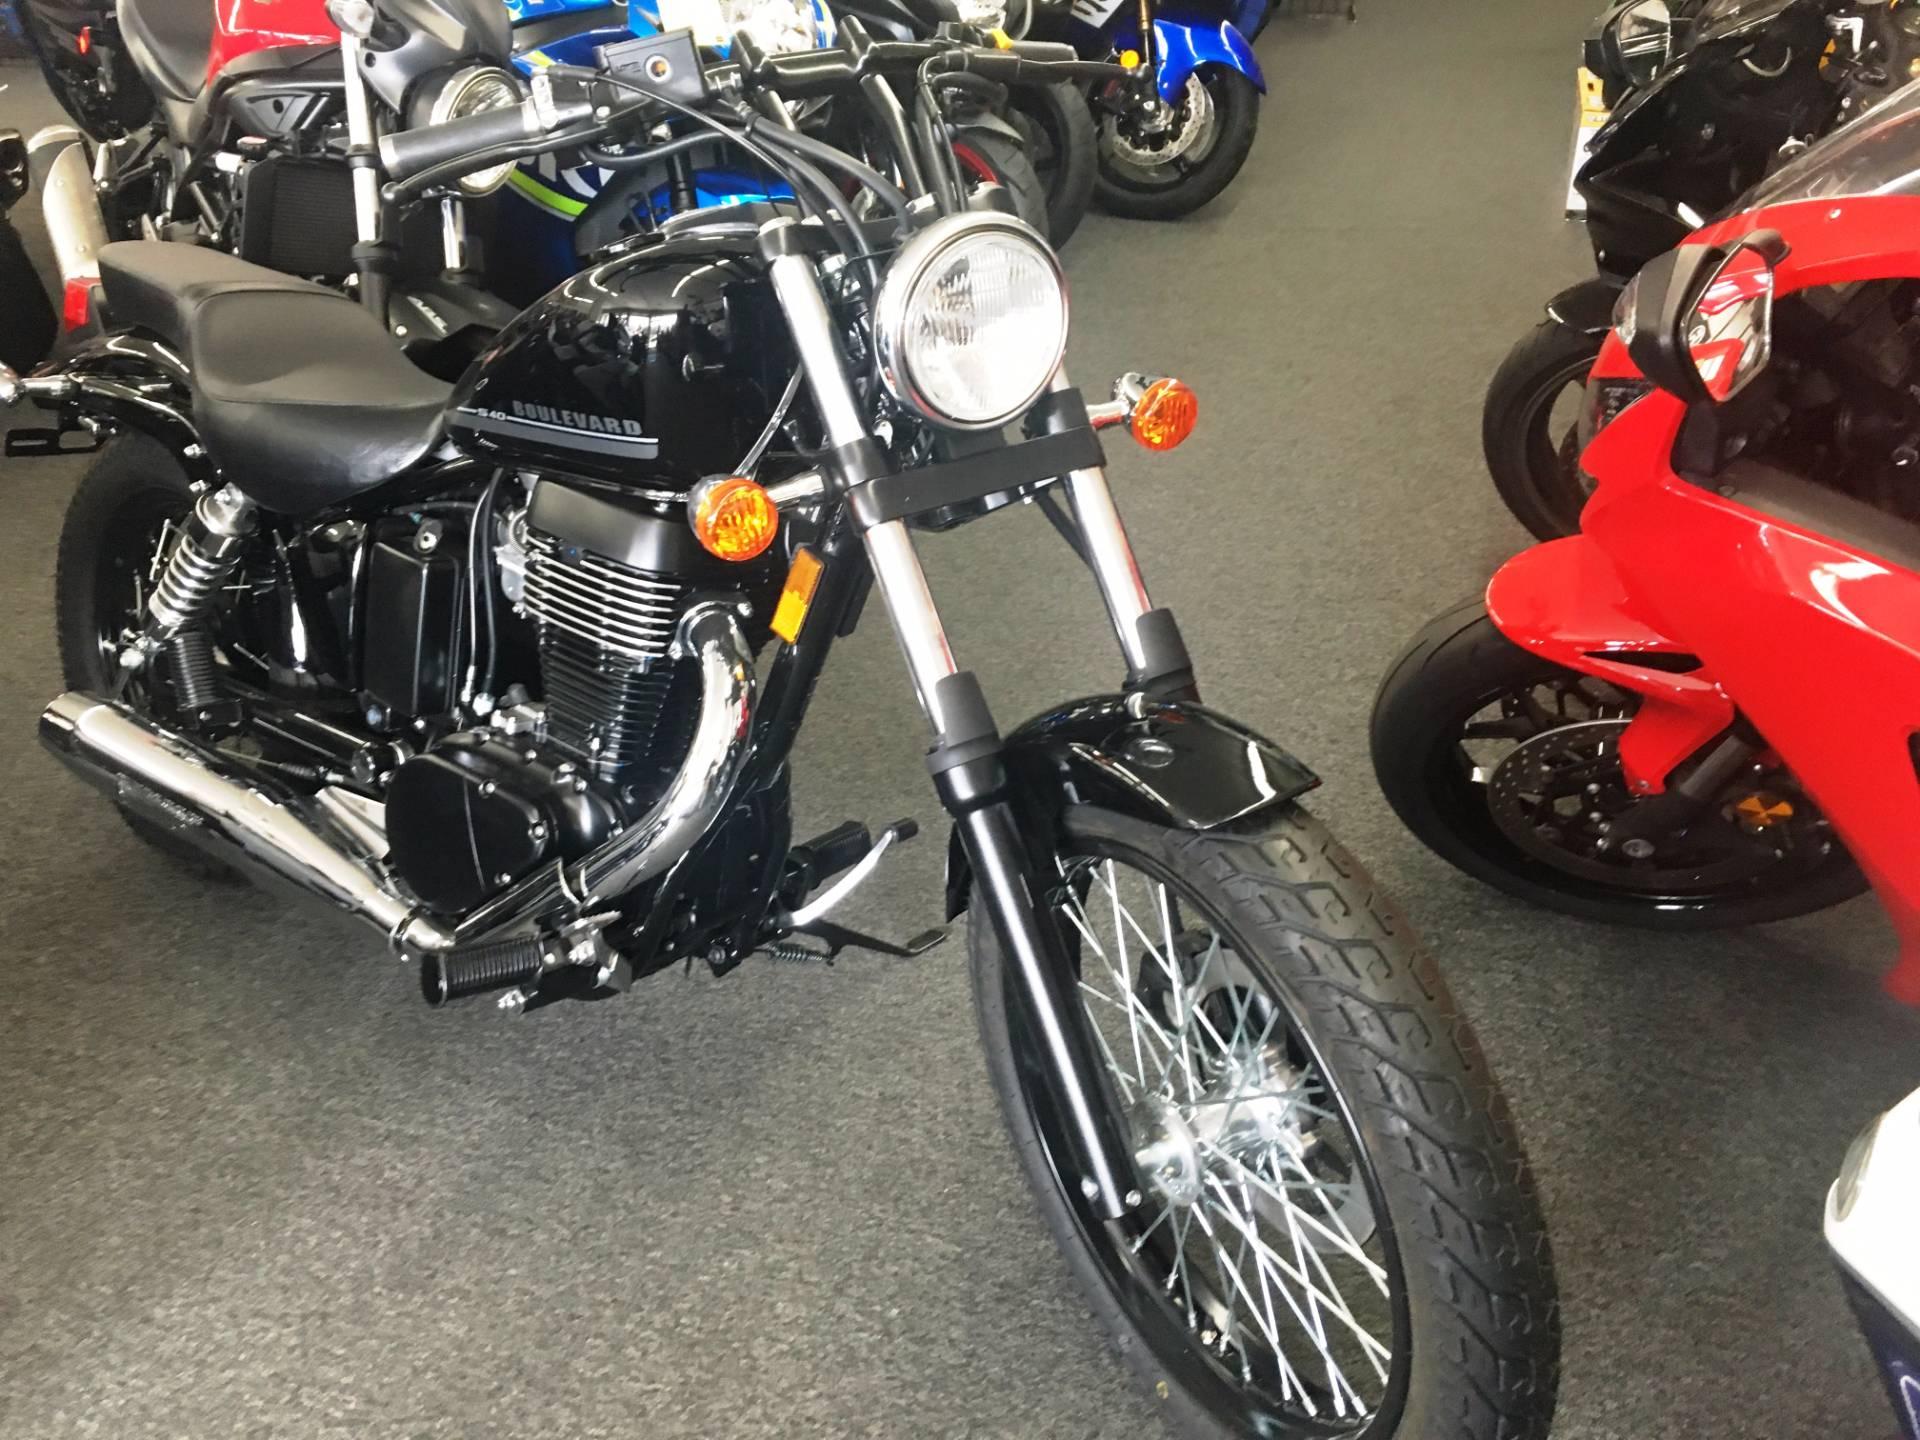 New 2017 Suzuki Boulevard S40 Motorcycles in Van Nuys, CA